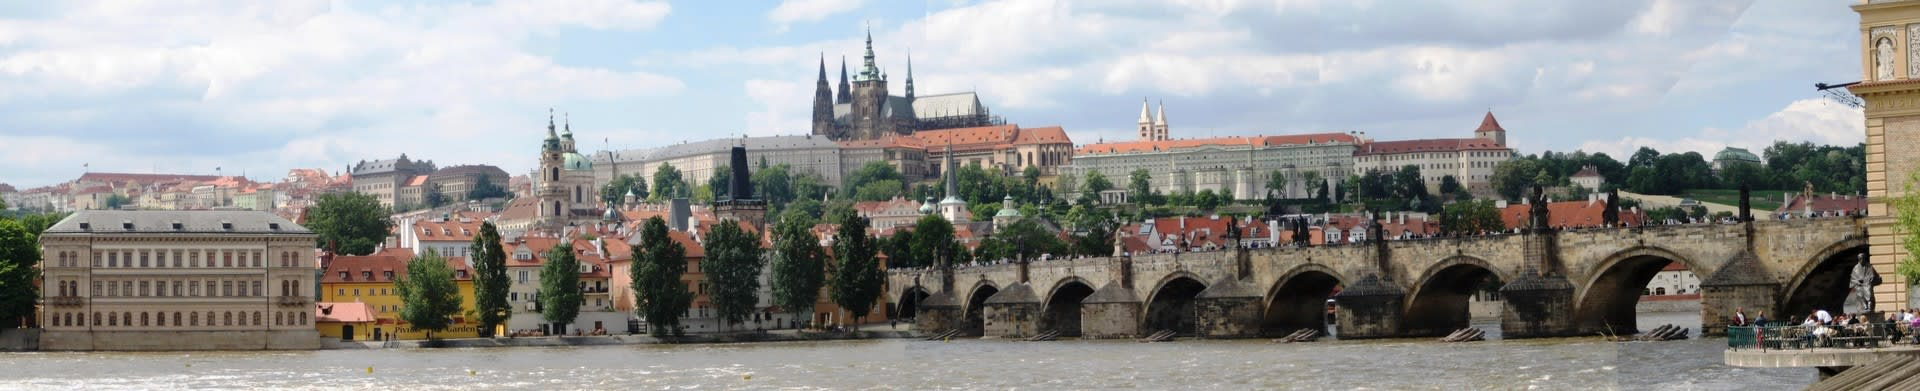 プラハの街角散歩 -プラハ-(...